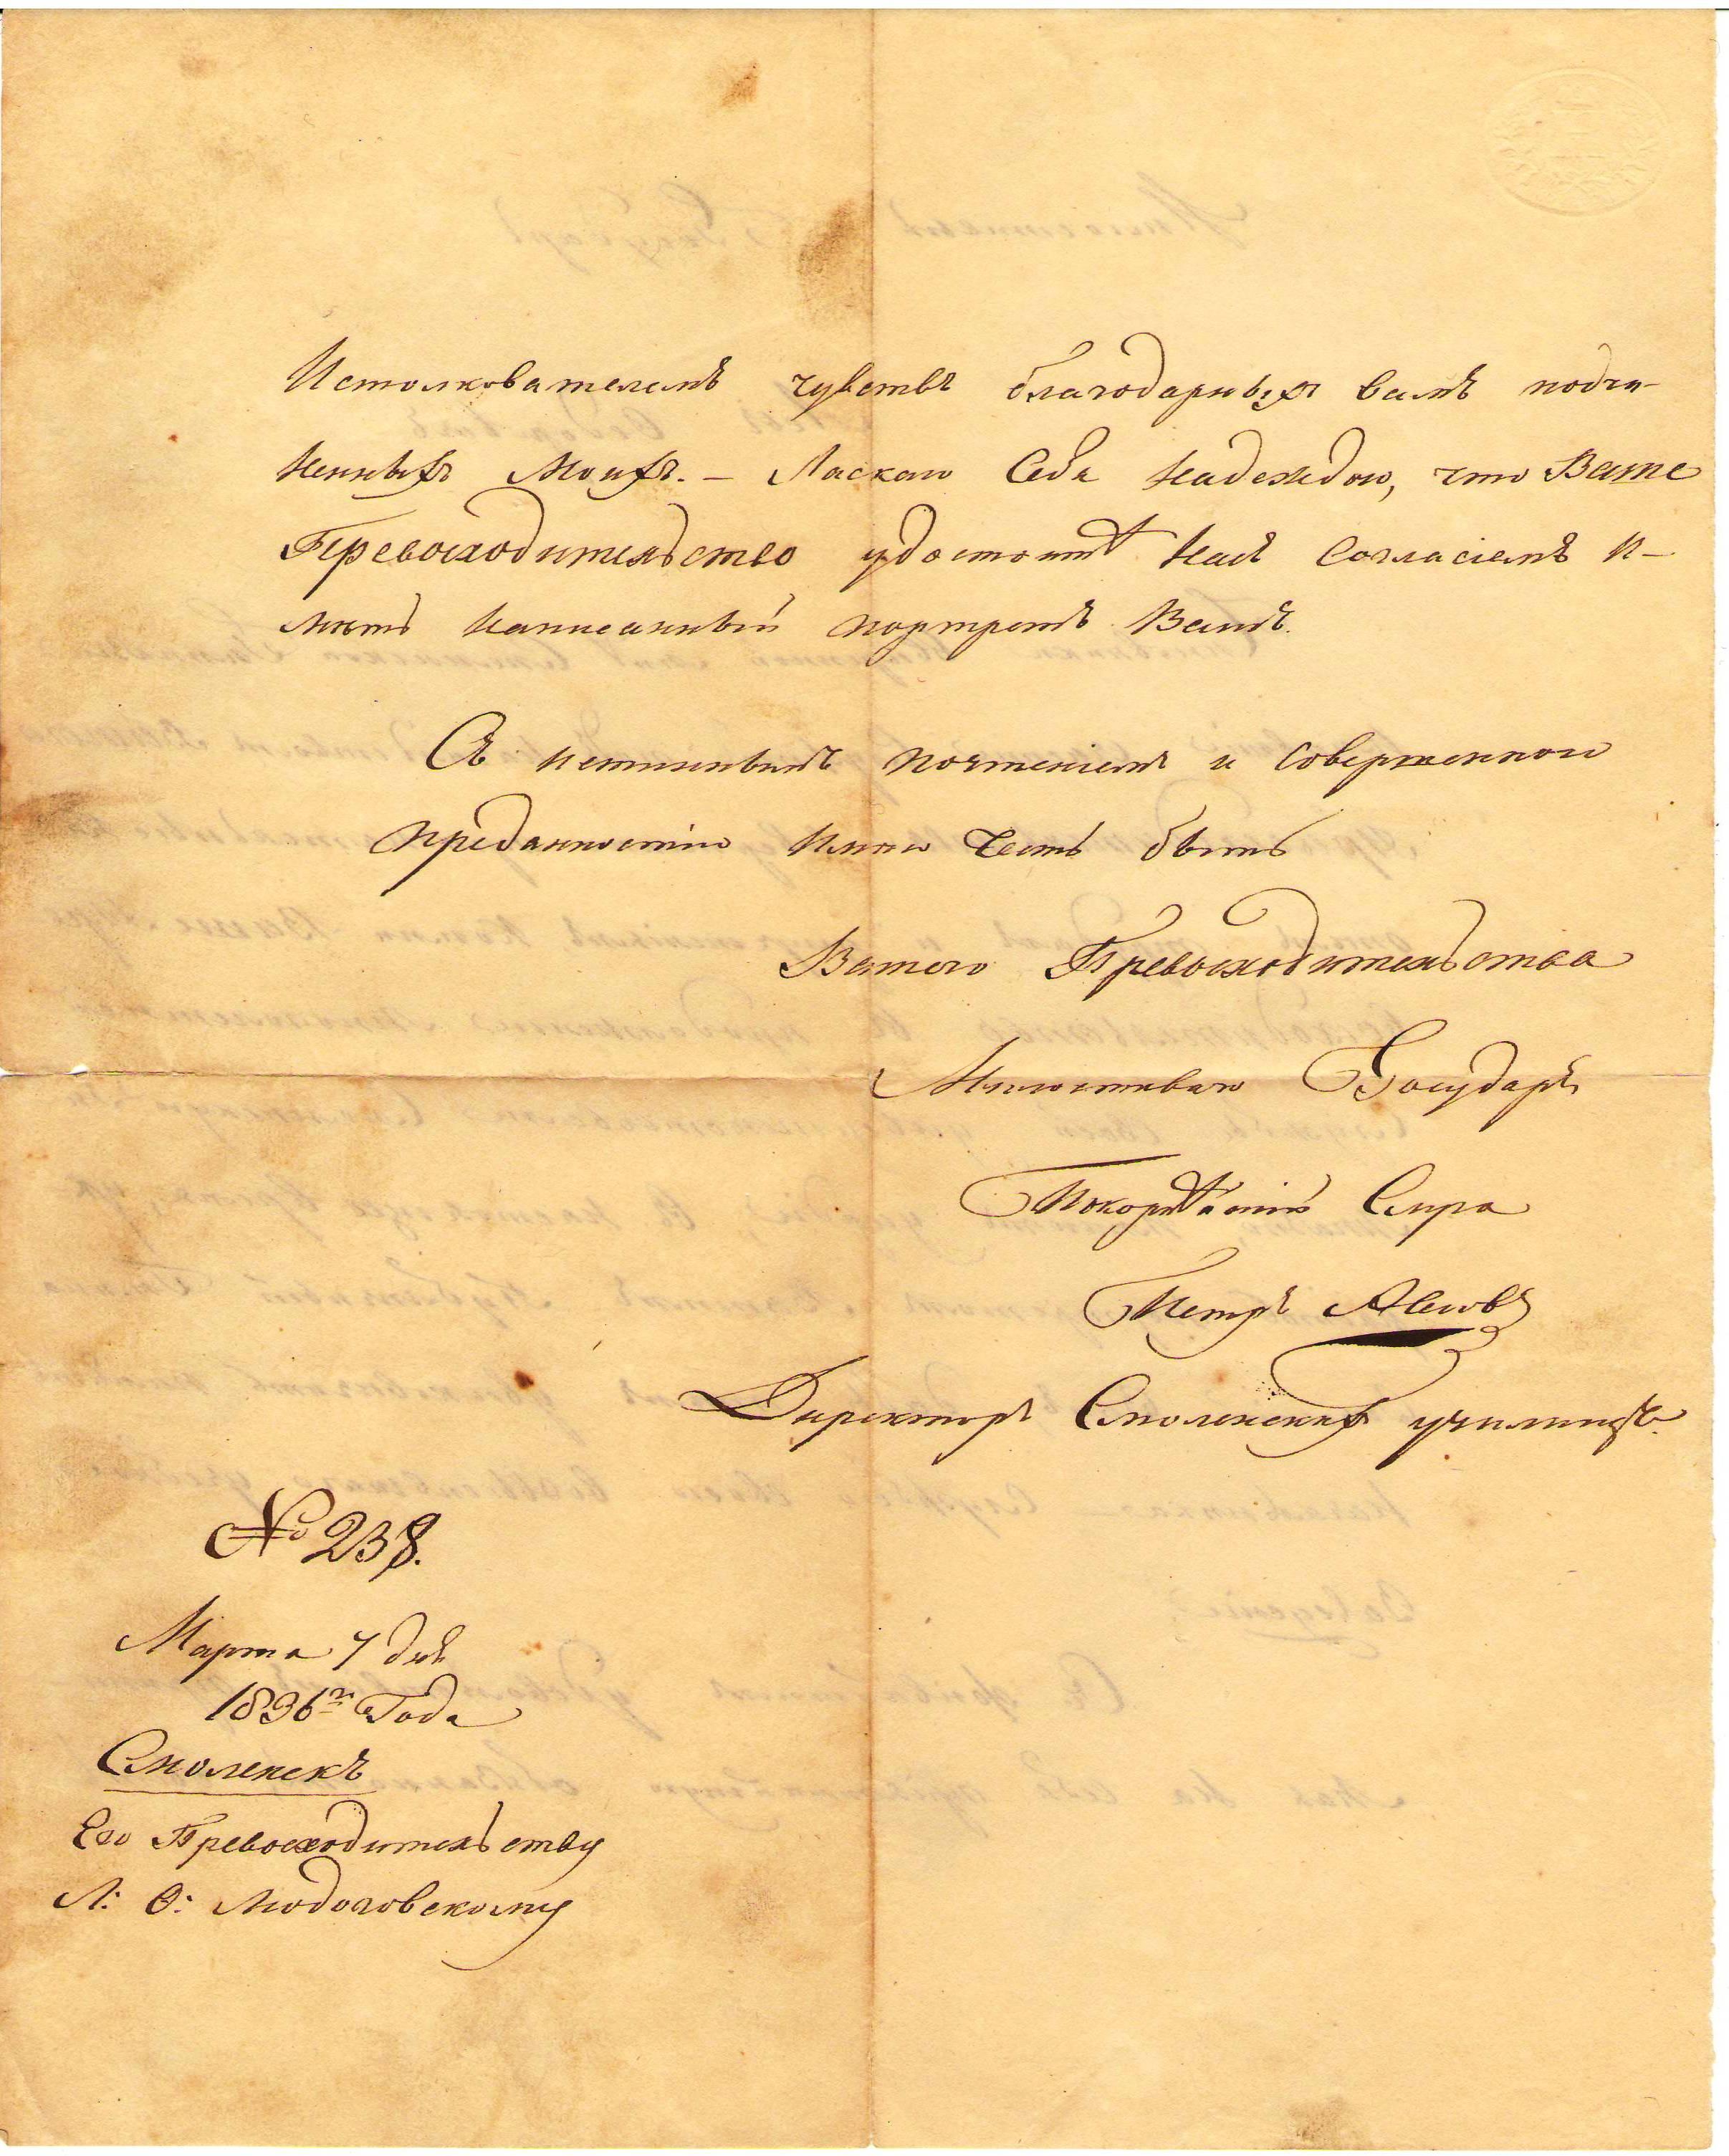 Fileletter from p n avsov to lev lyudogovskiy 1836 p 2g fileletter from p n avsov to lev lyudogovskiy 1836 p 2 altavistaventures Gallery